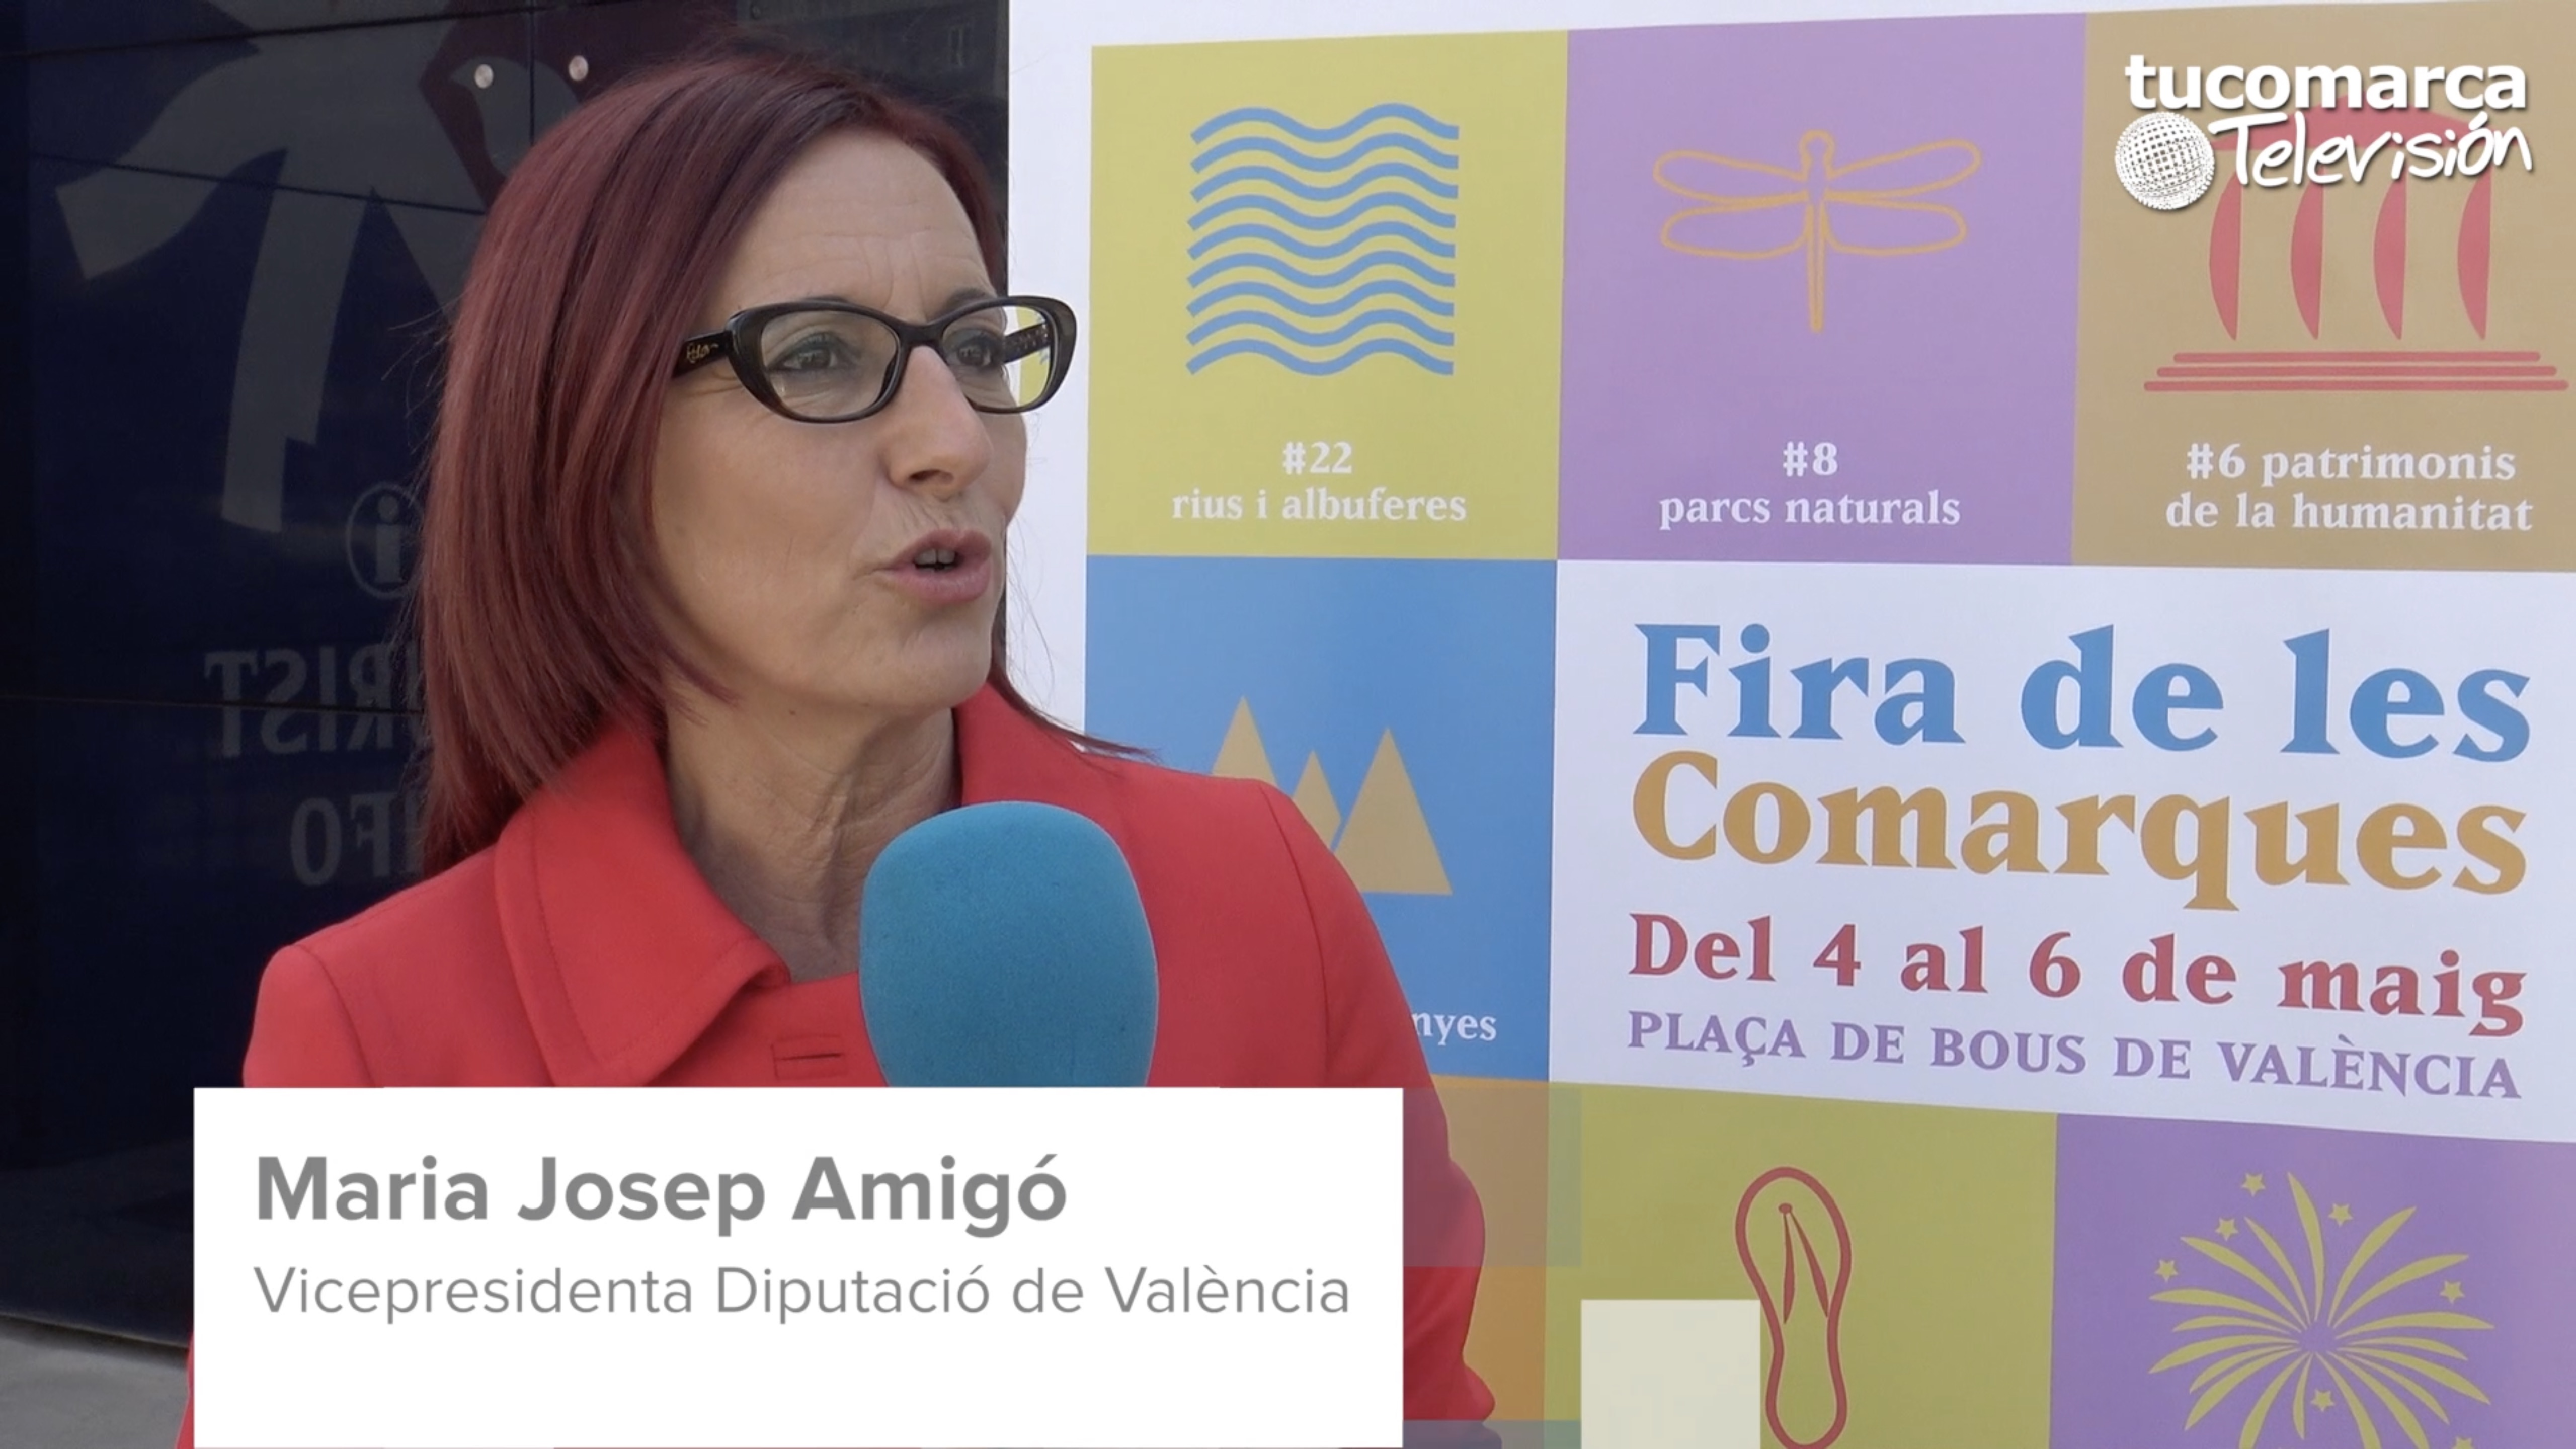 La vicepresidenta de la Diputació de València durante la entrevista realizada por tucomarca televisión.